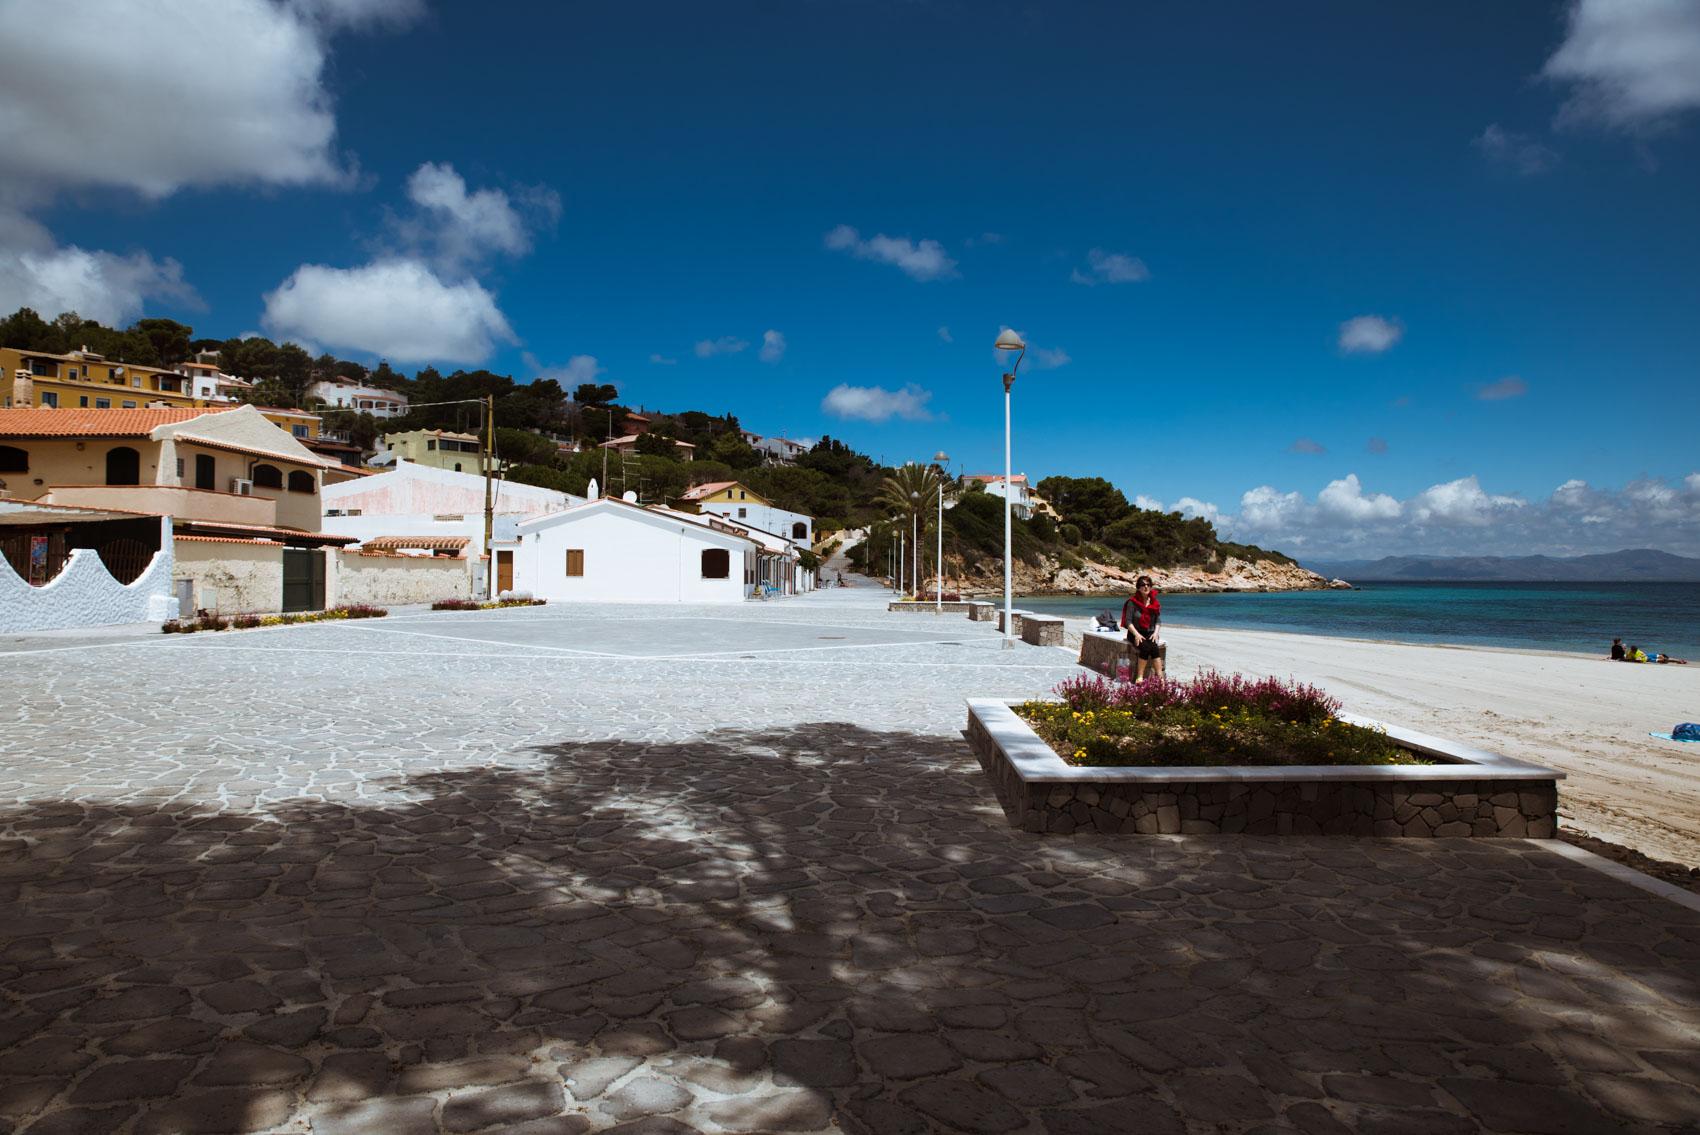 La Piazza della Spiaggia di Maladroxia